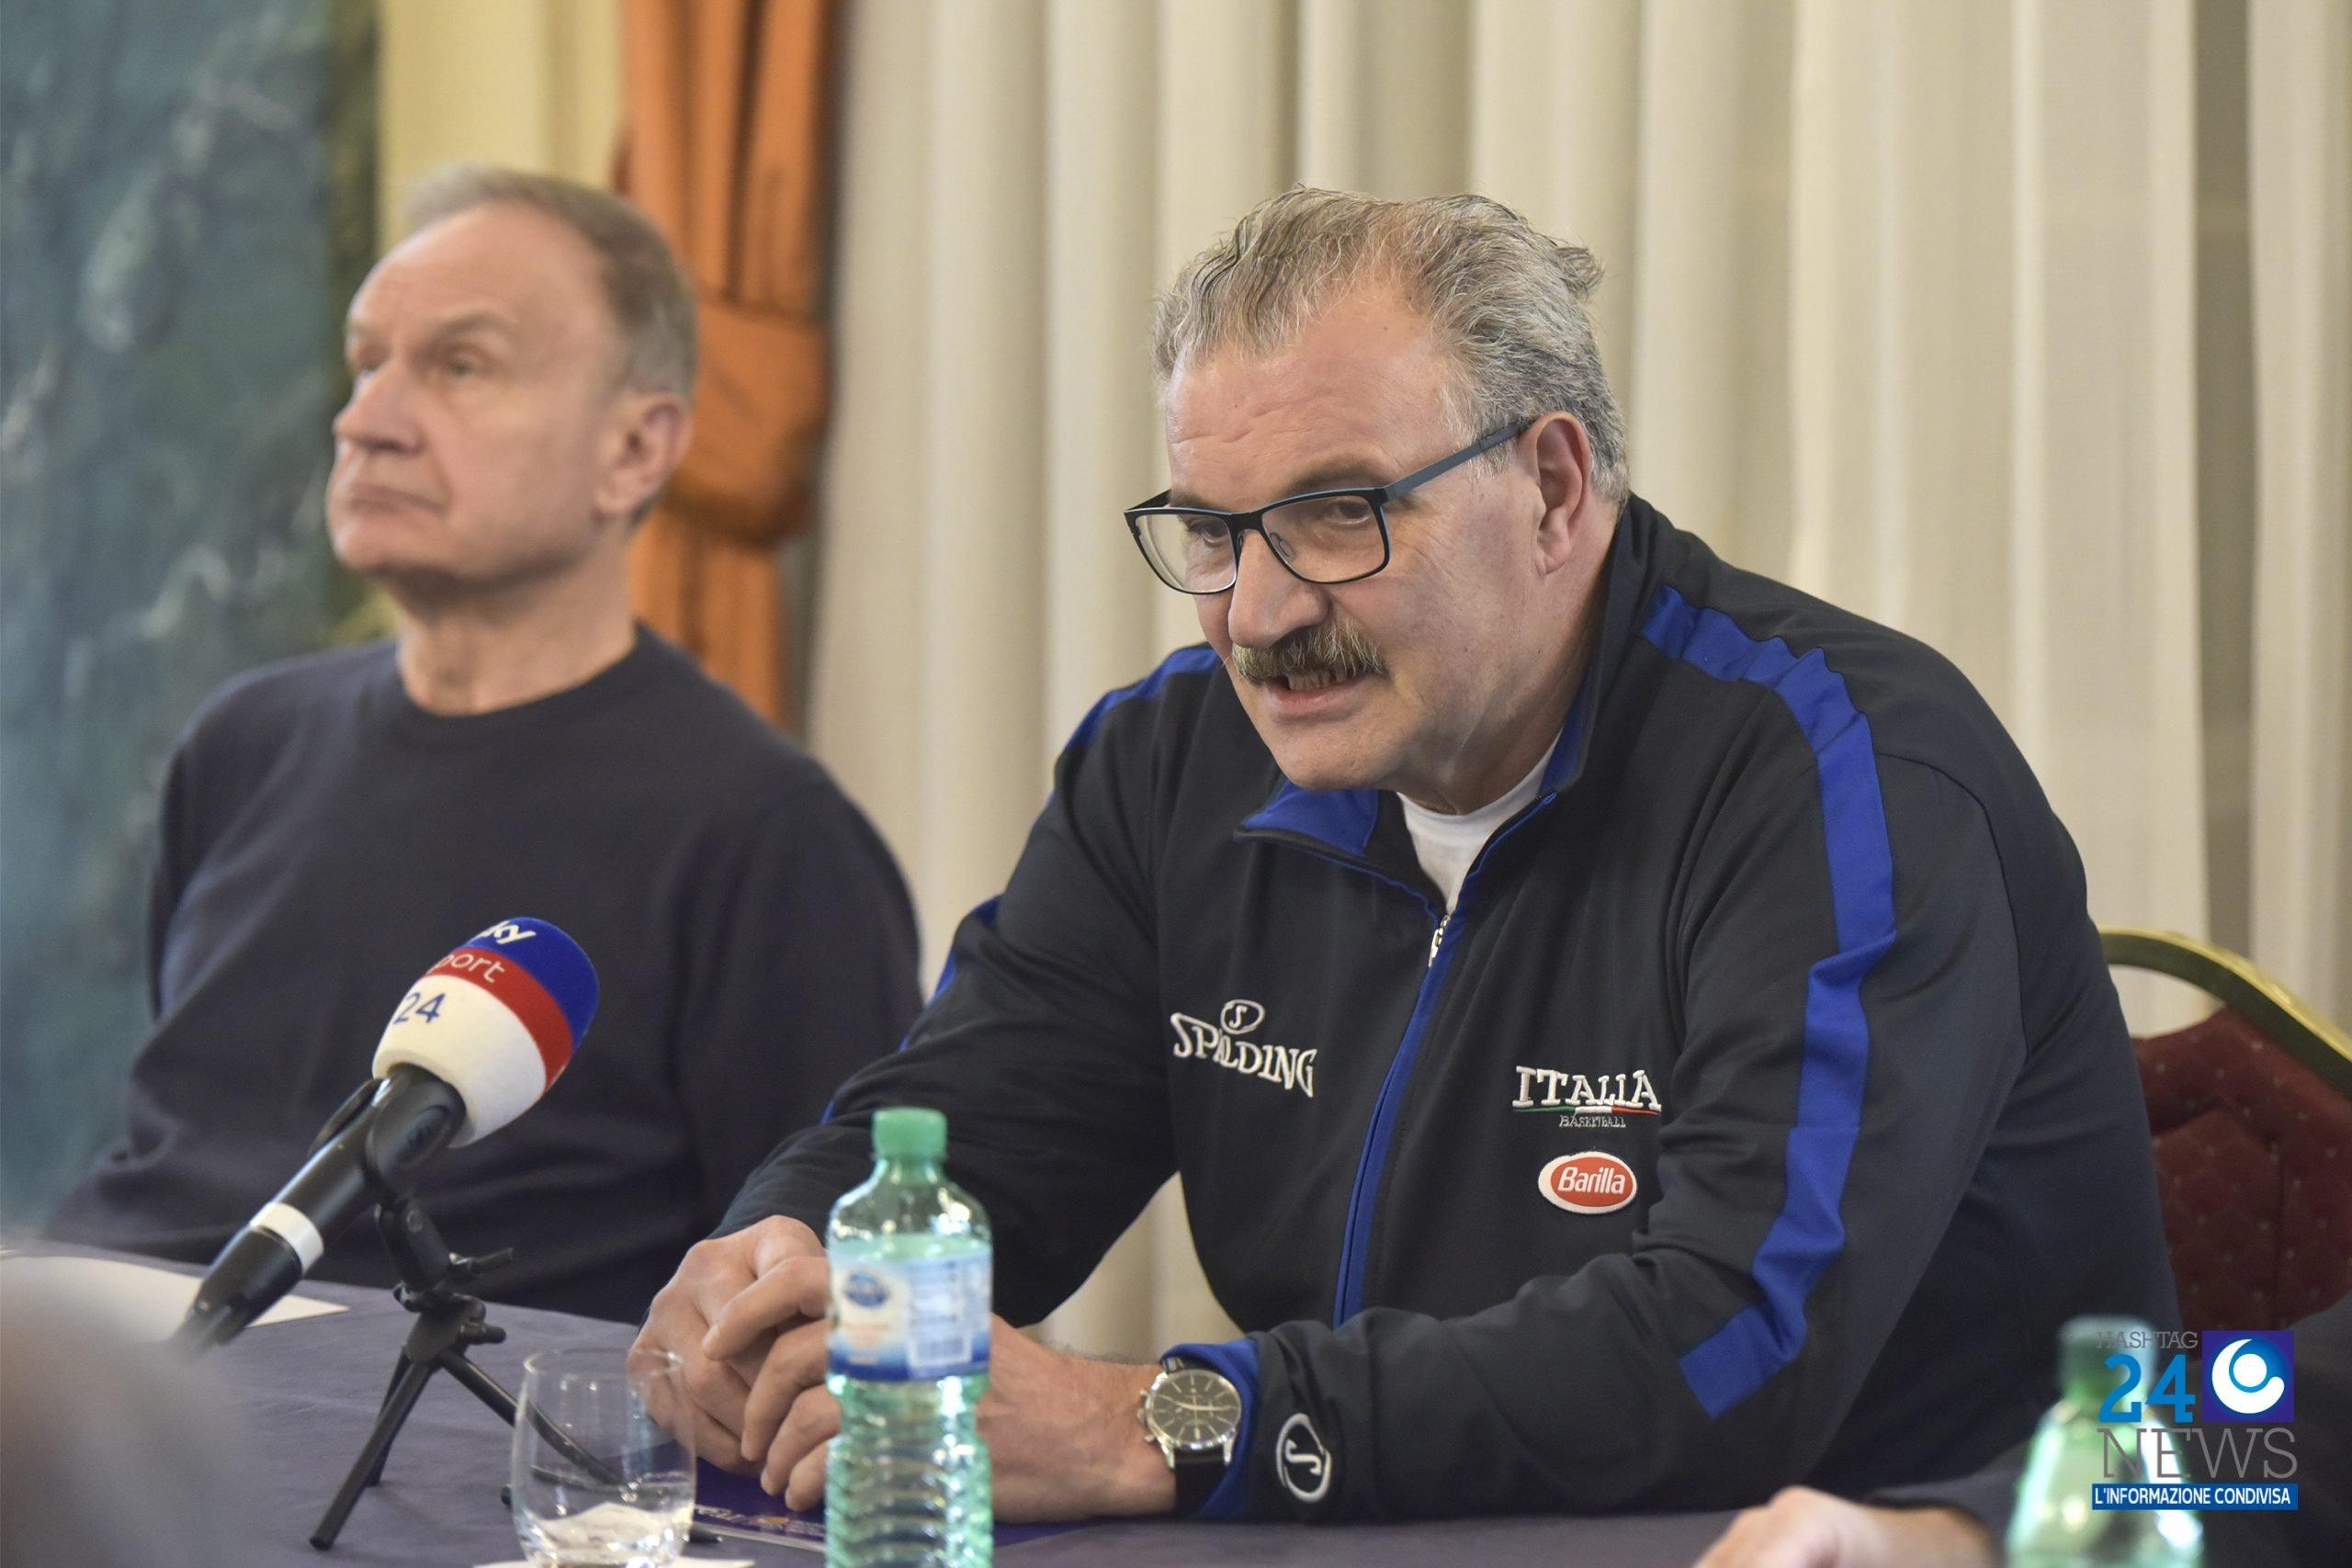 L'ITALBASKET SFIDA LA RUSSIA PER LA PRIMA GIORNATA DI QUALIFICAZIONI AD EUROBASKET 2021